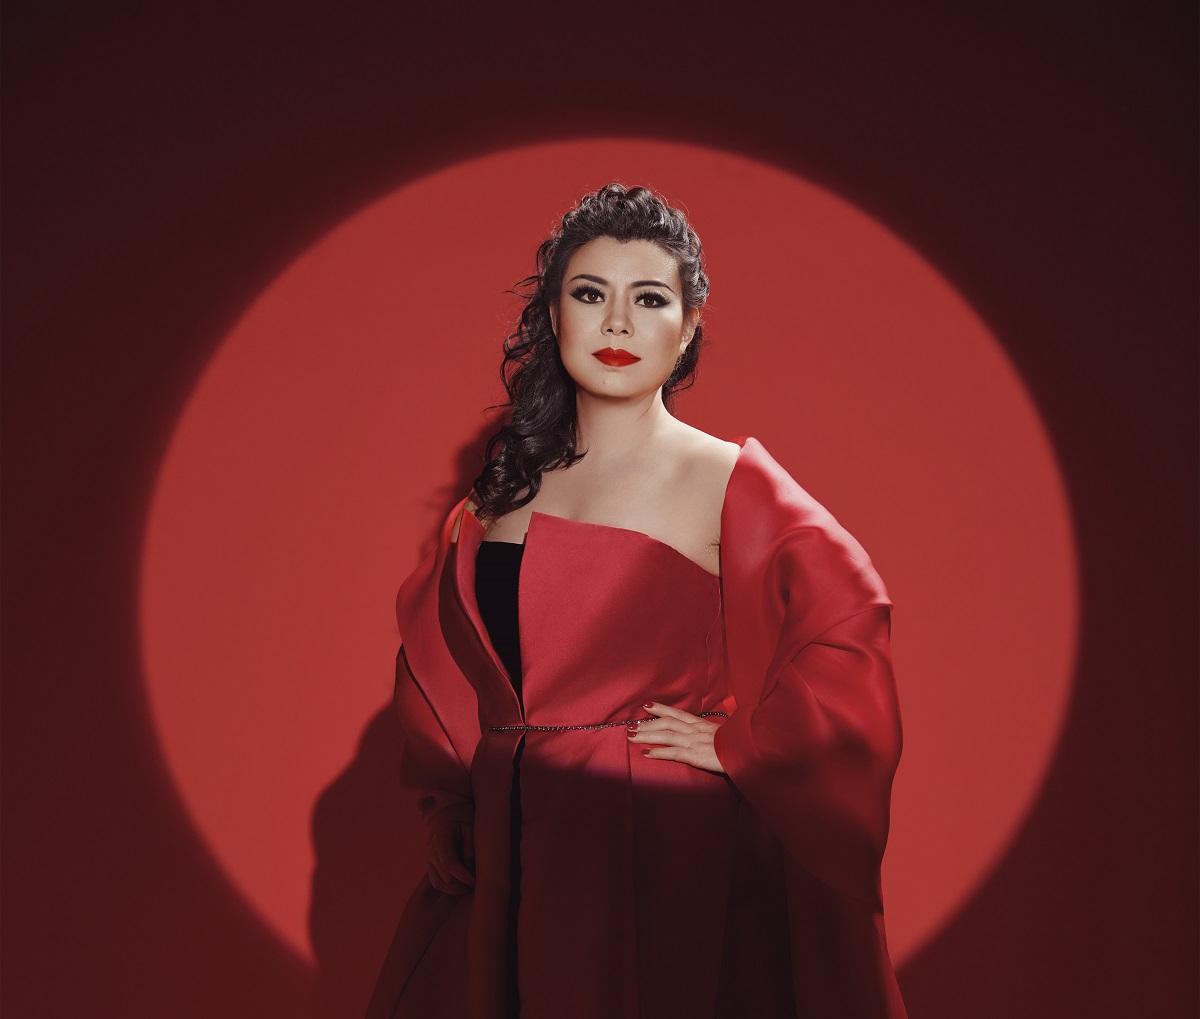 新年演出季 女王归来·极致女高音——和慧新年独唱音乐会